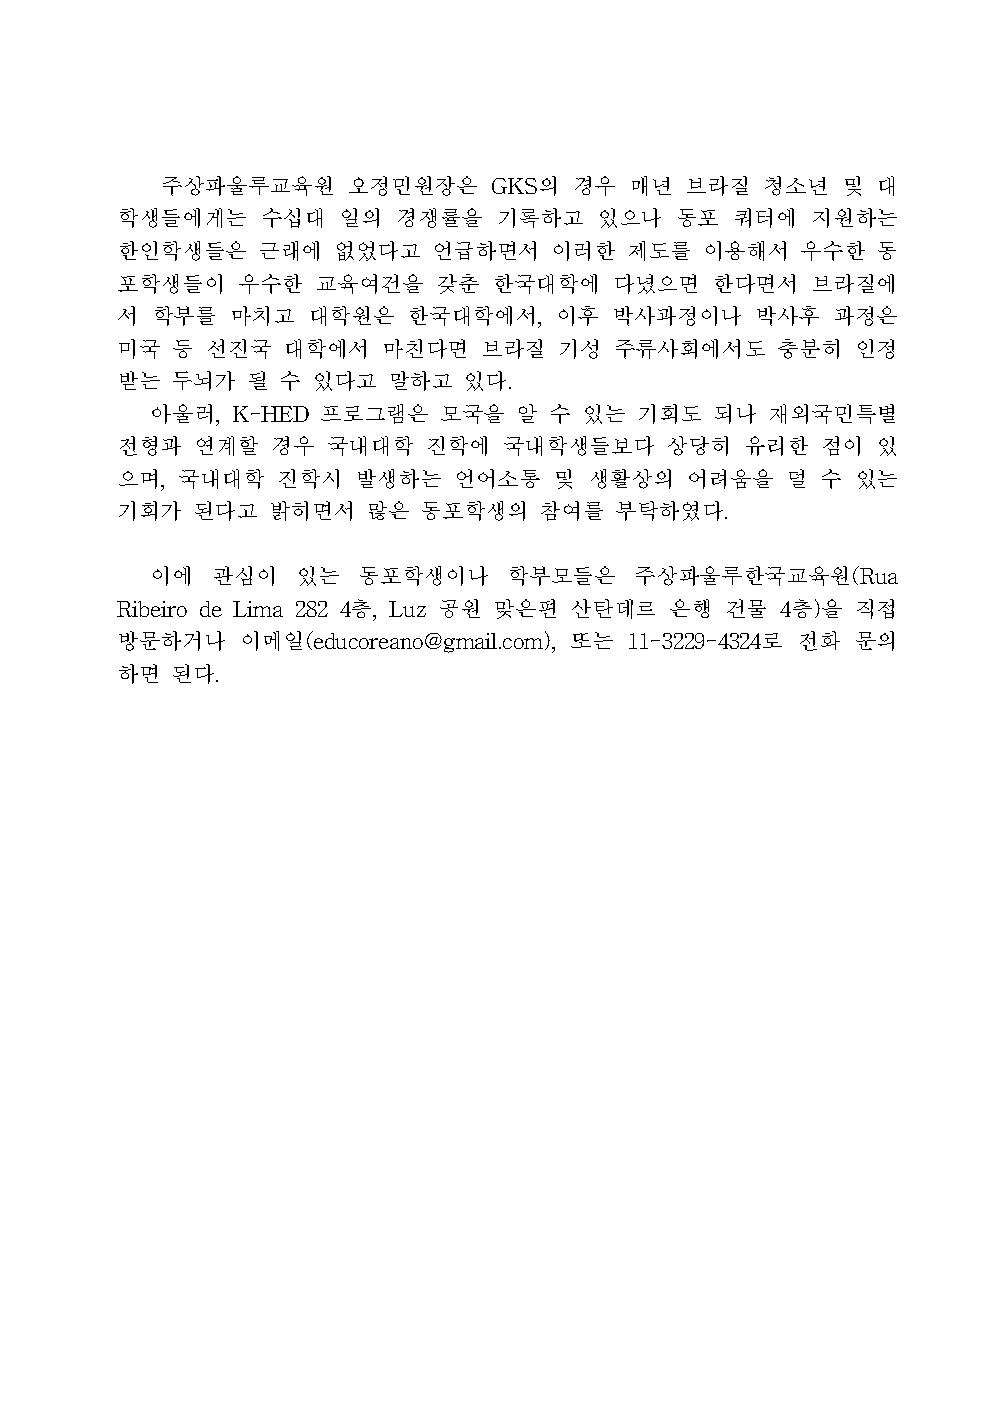 200218 한국정부 다양한 모국방문 및 진학기회 제공003.png